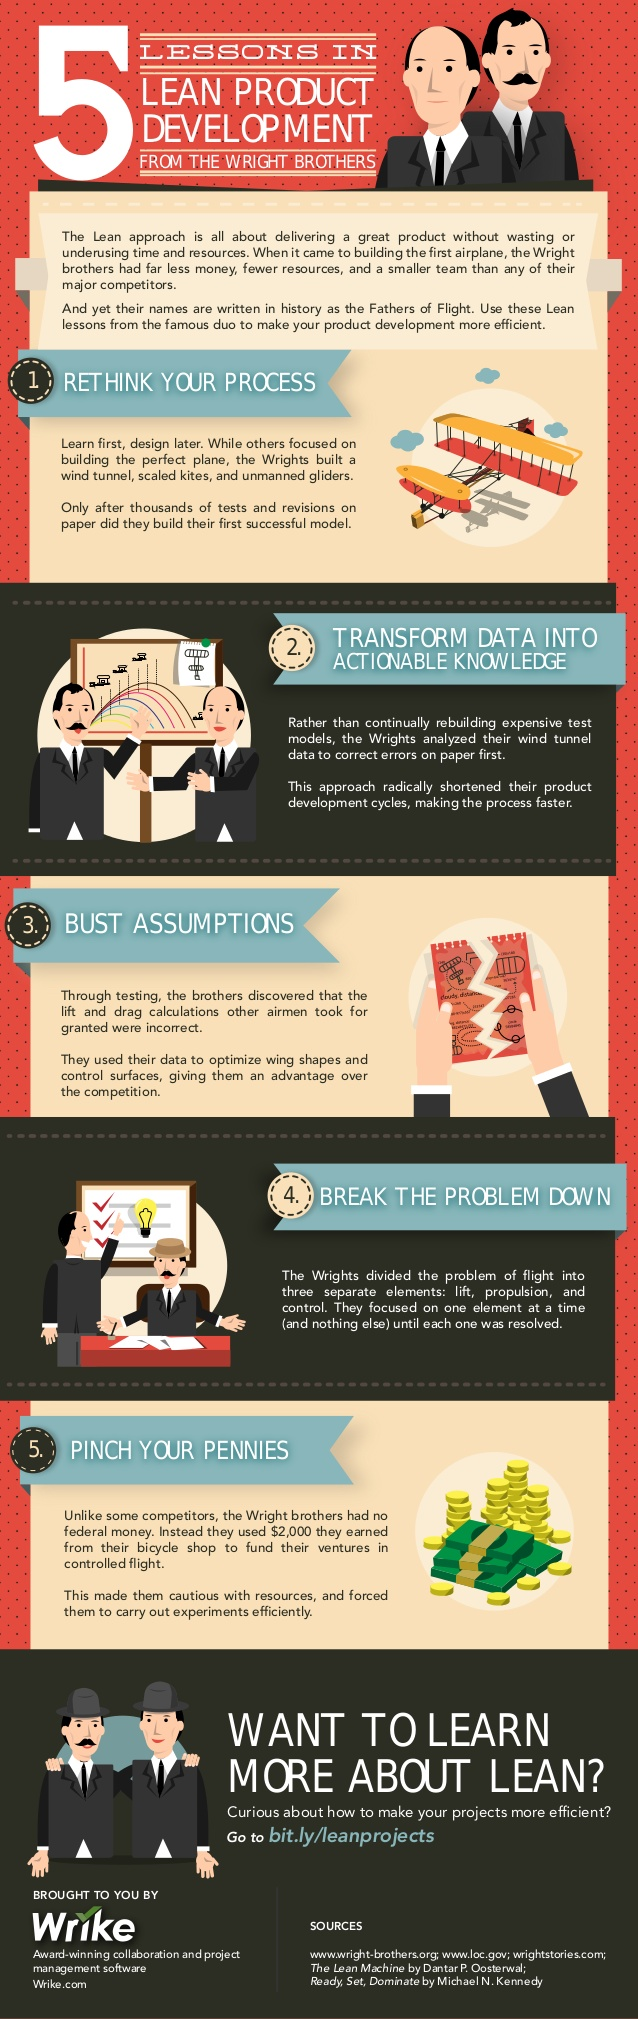 5 lecciones LEAN al desarrollo de productos